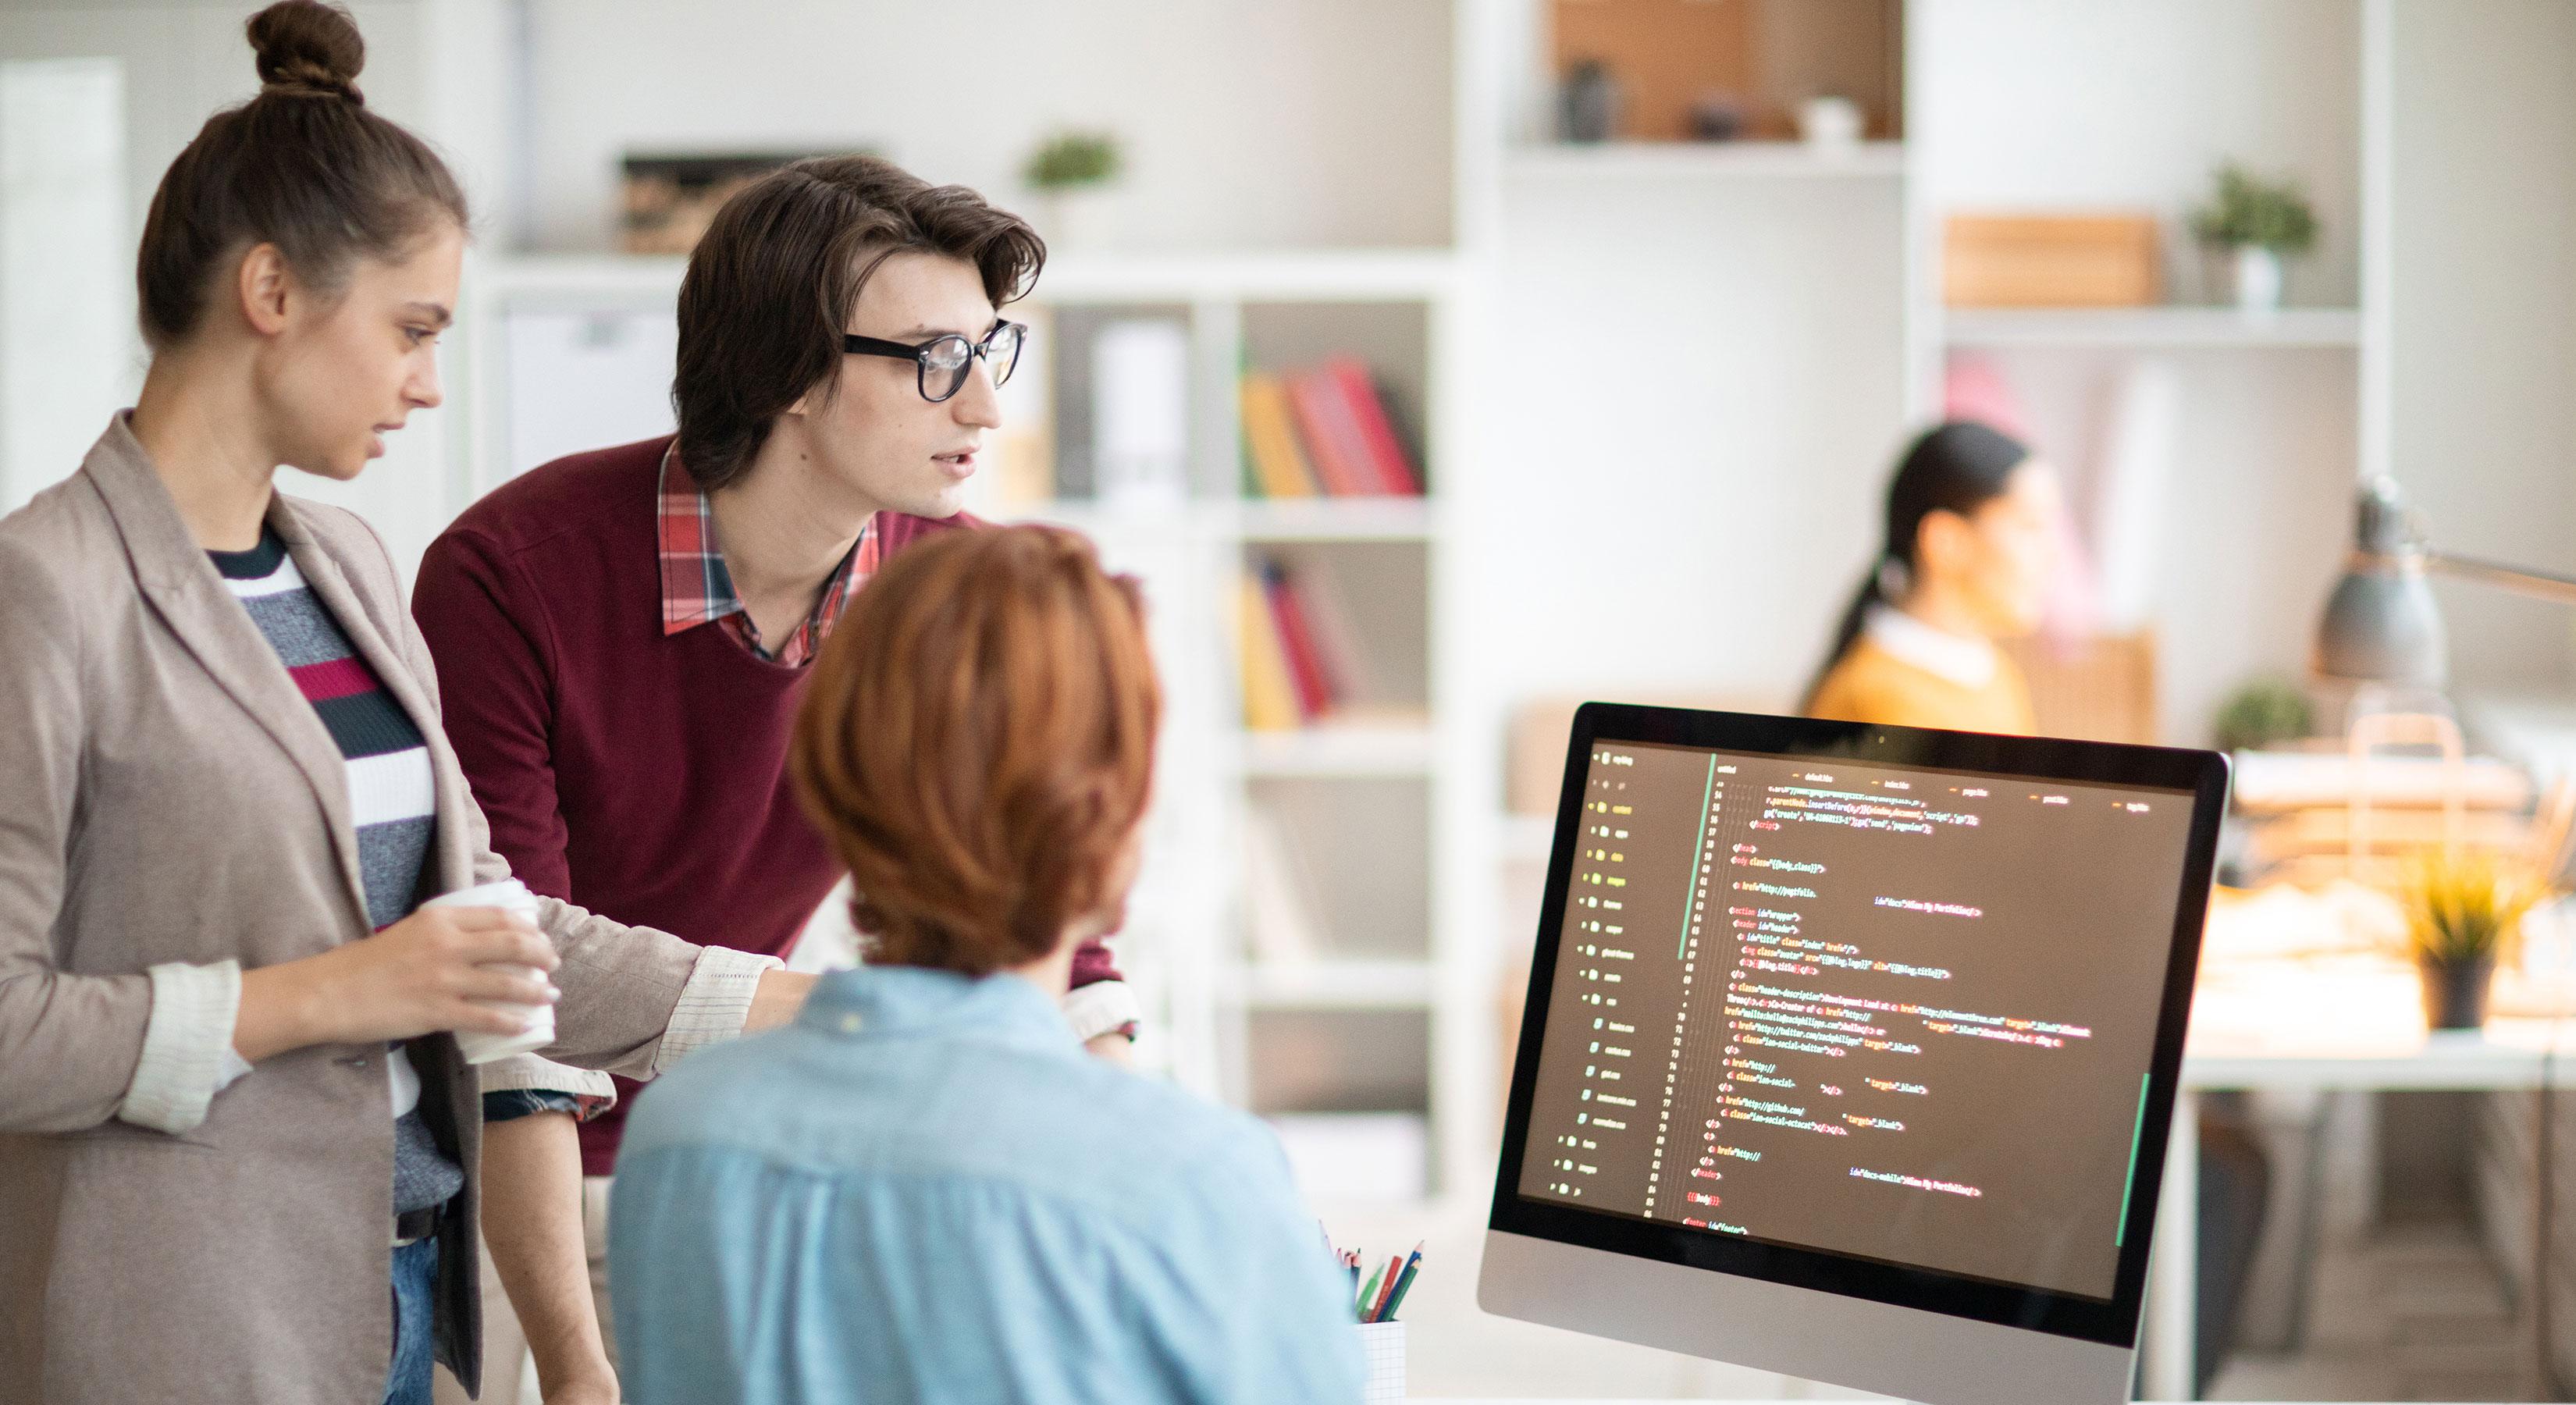 Frontline - Mobile App Development - Find A Java Developer for Your App Needs